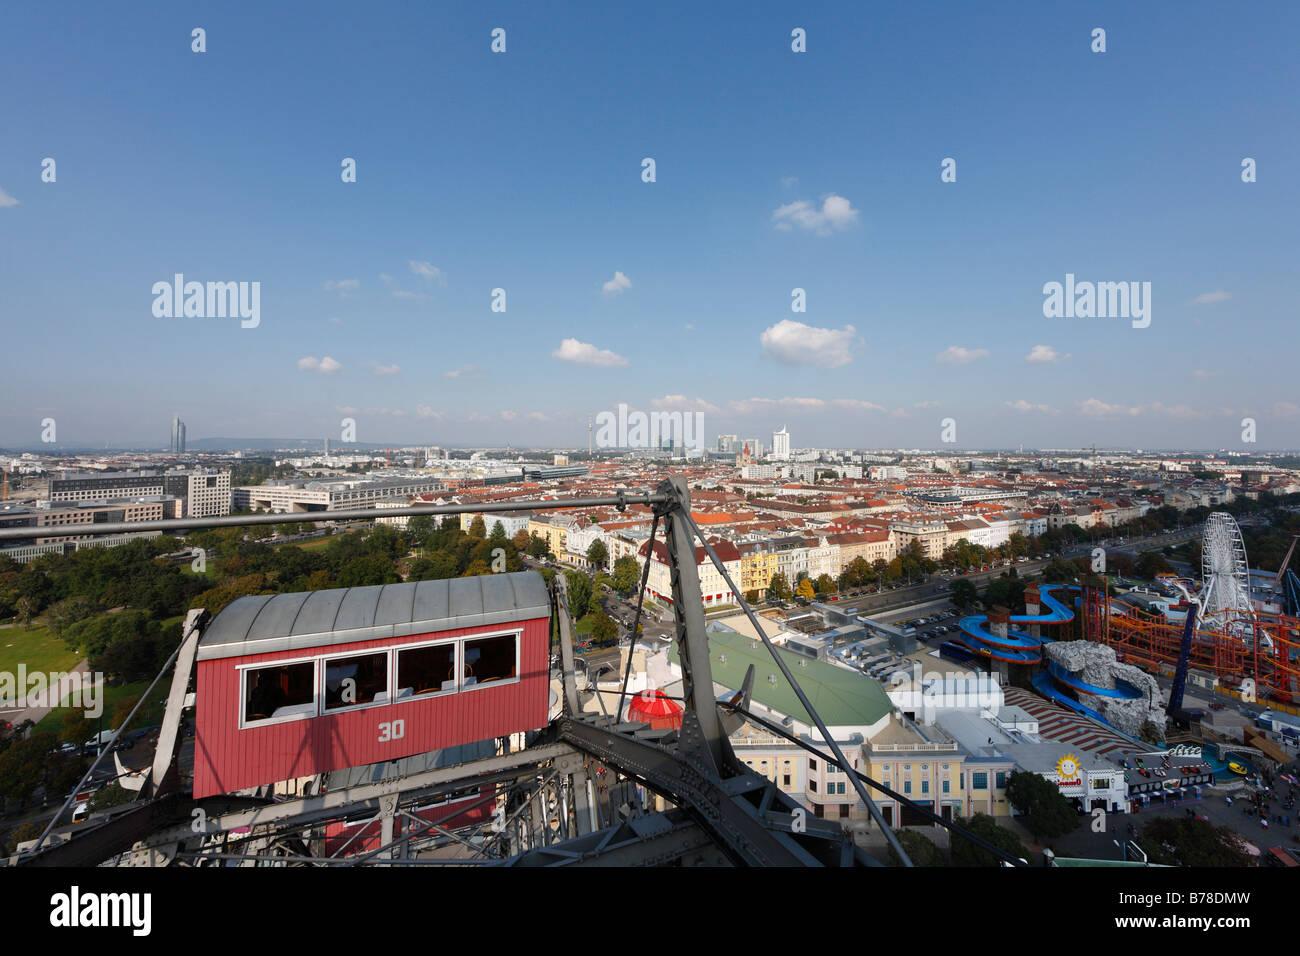 Vista desde la rueda gigante en el Prater de Viena, Austria, Europa Foto de stock